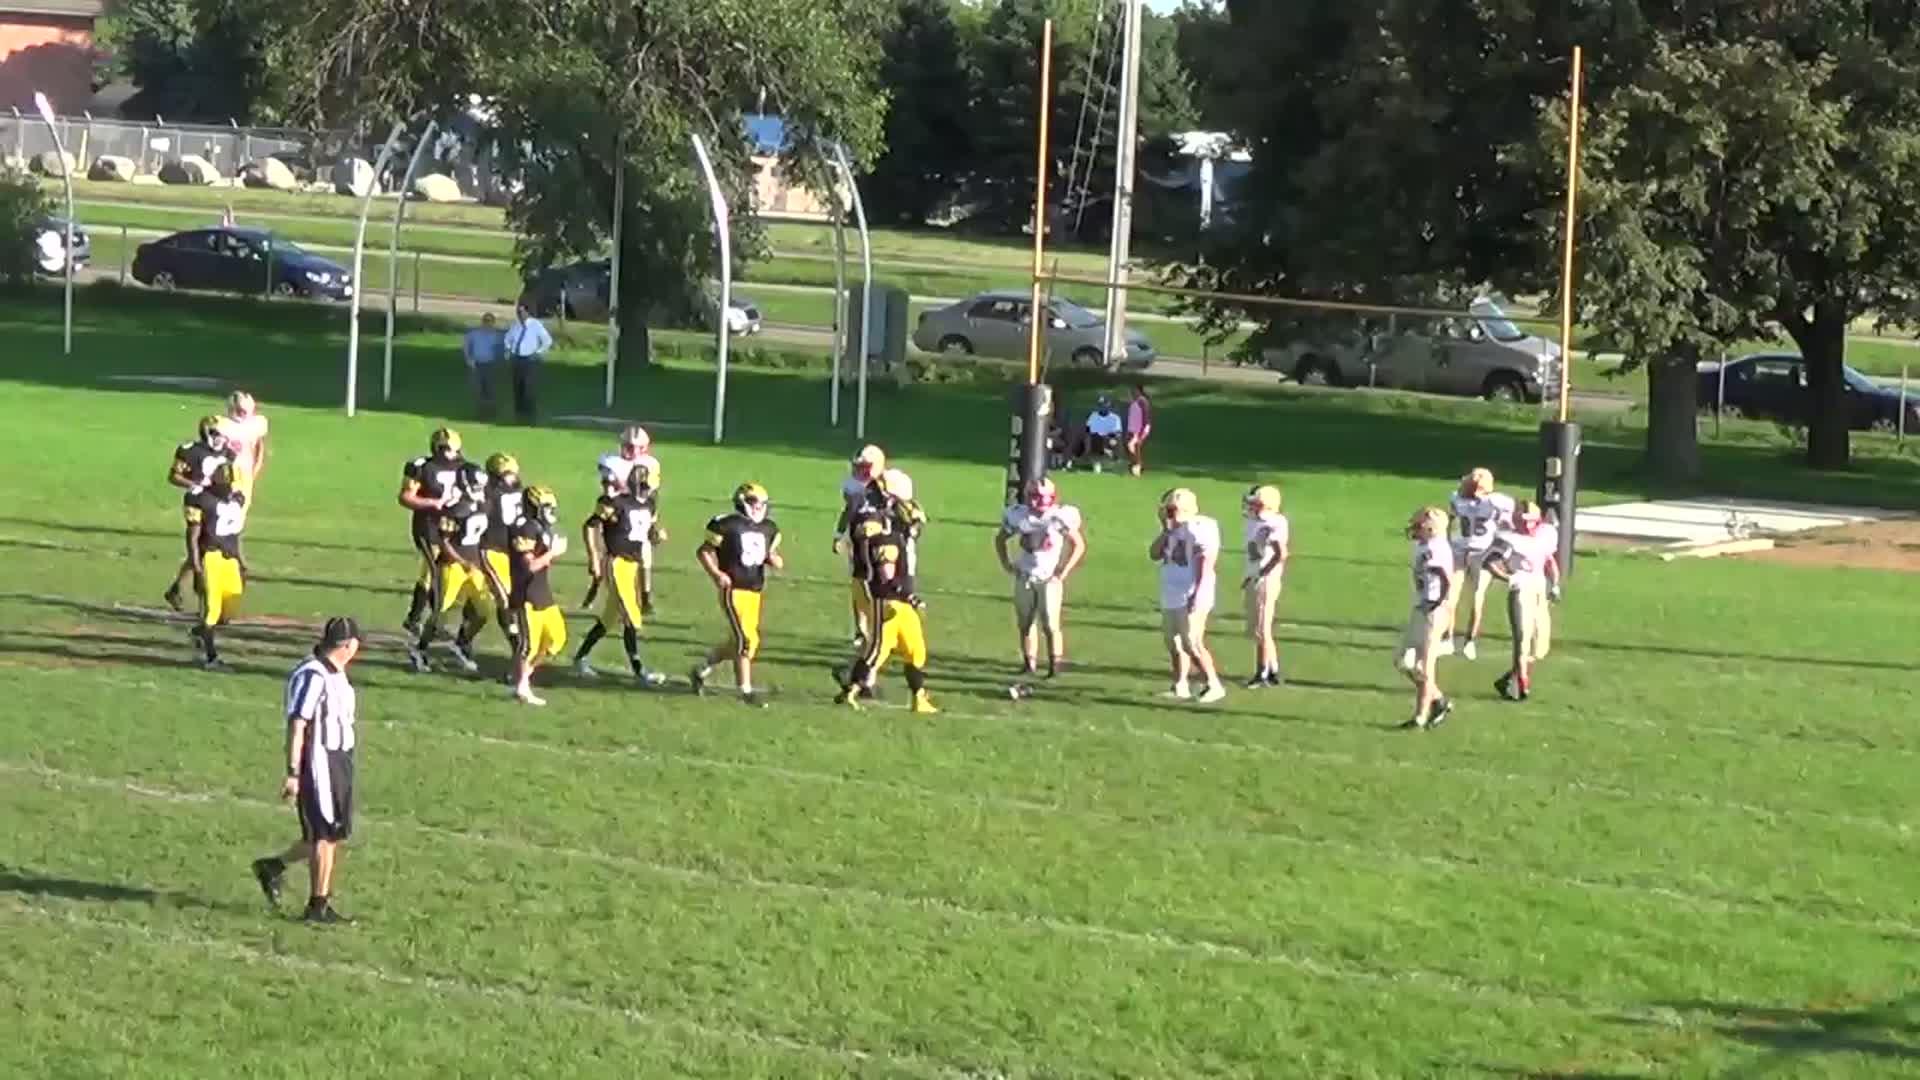 10A/JV Highlights - Dalton Passon highlights - Hudl